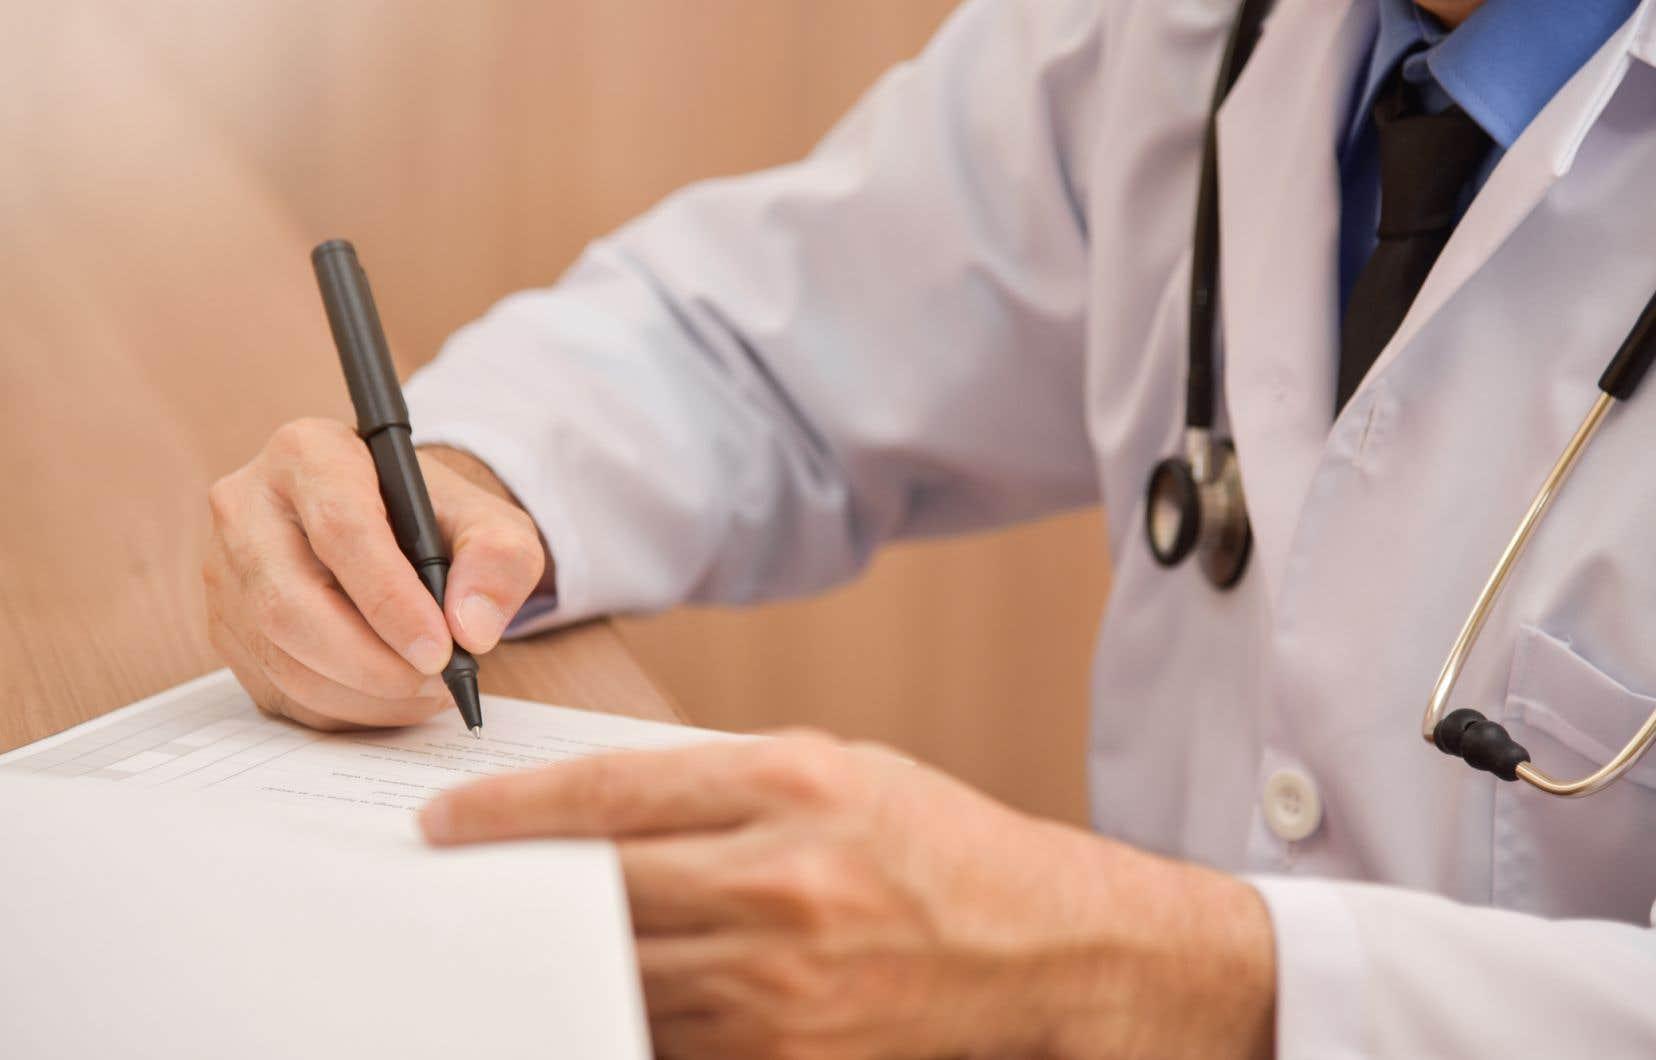 Quel que soit leur mode de rémunération, les professionnels de la santé travaillant pour l'État bénéficient des garanties découlant des conventions de l'Organisation internationale du travail, soulignent les auteurs.